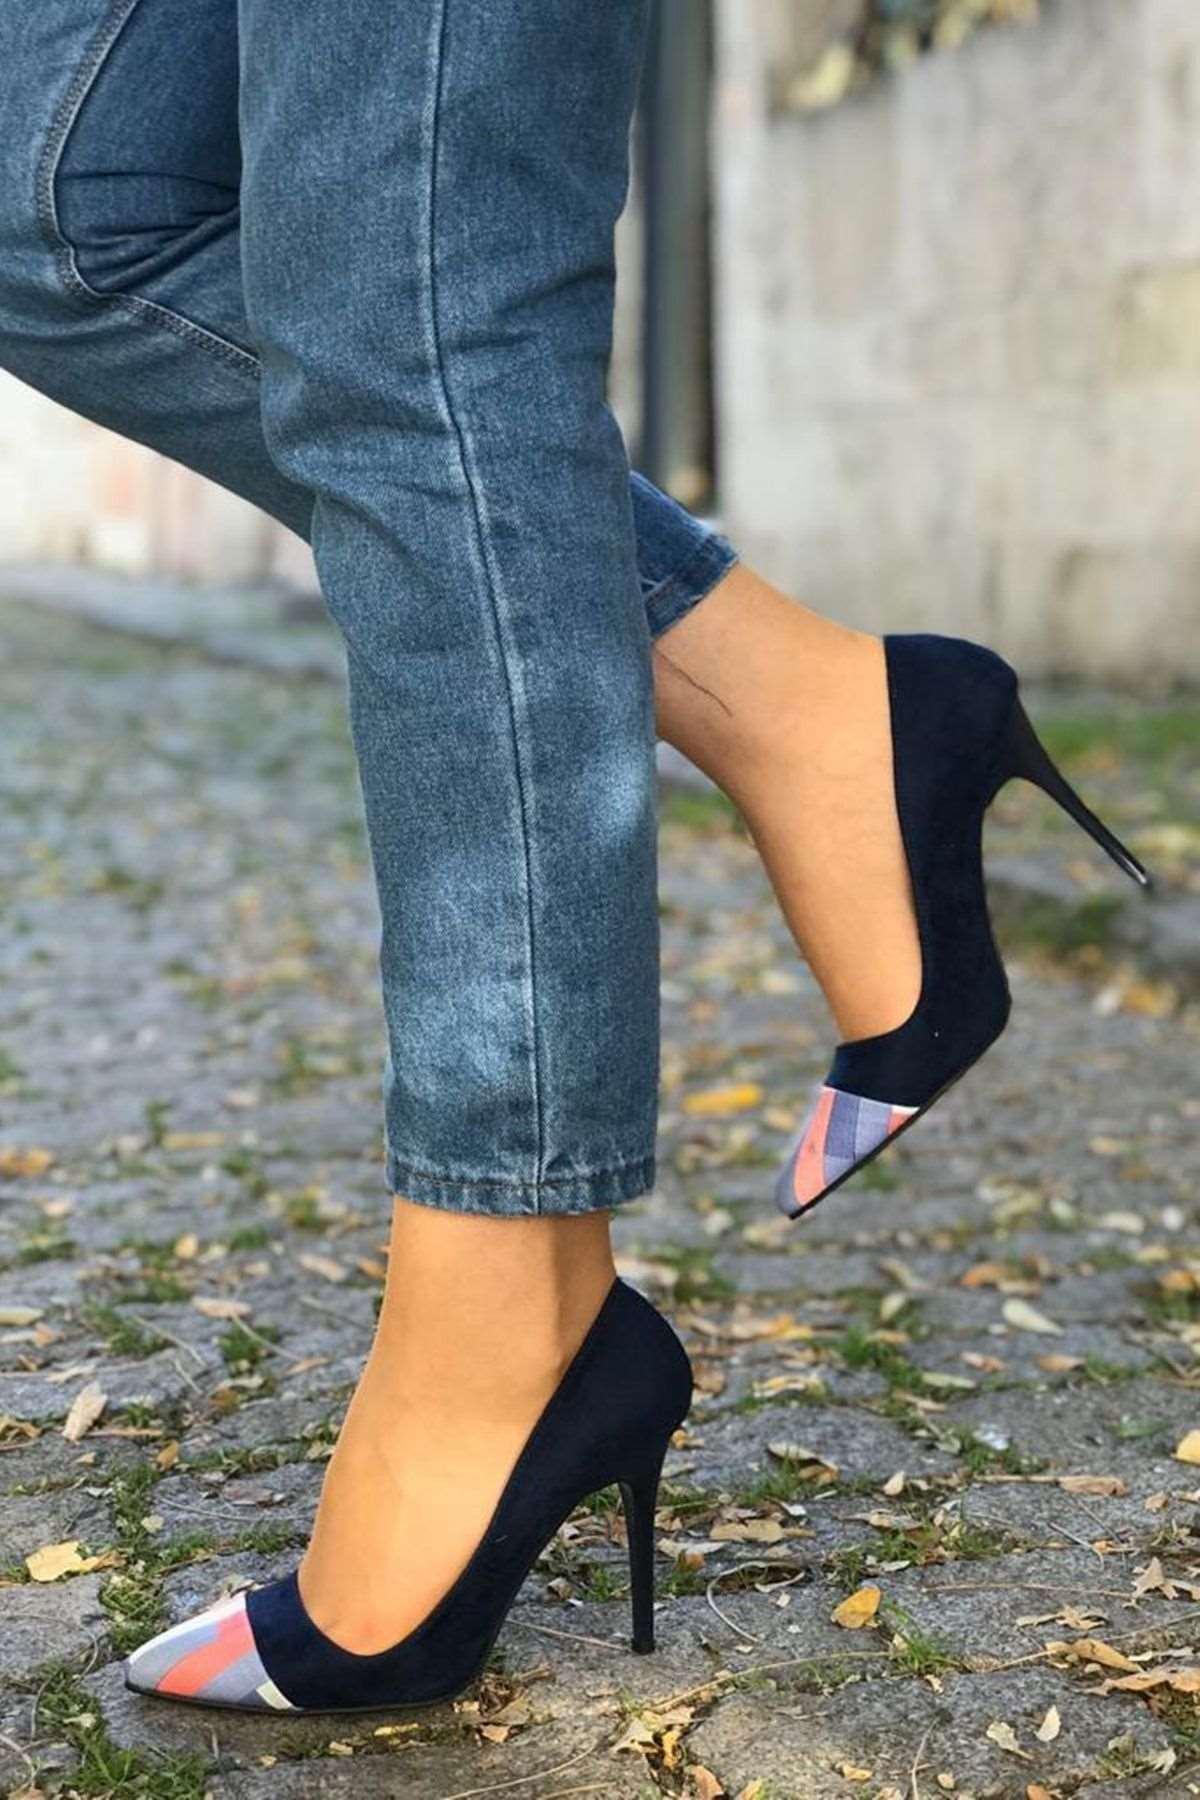 Gökkuşağı Detaylı Stiletto Ayakkabı